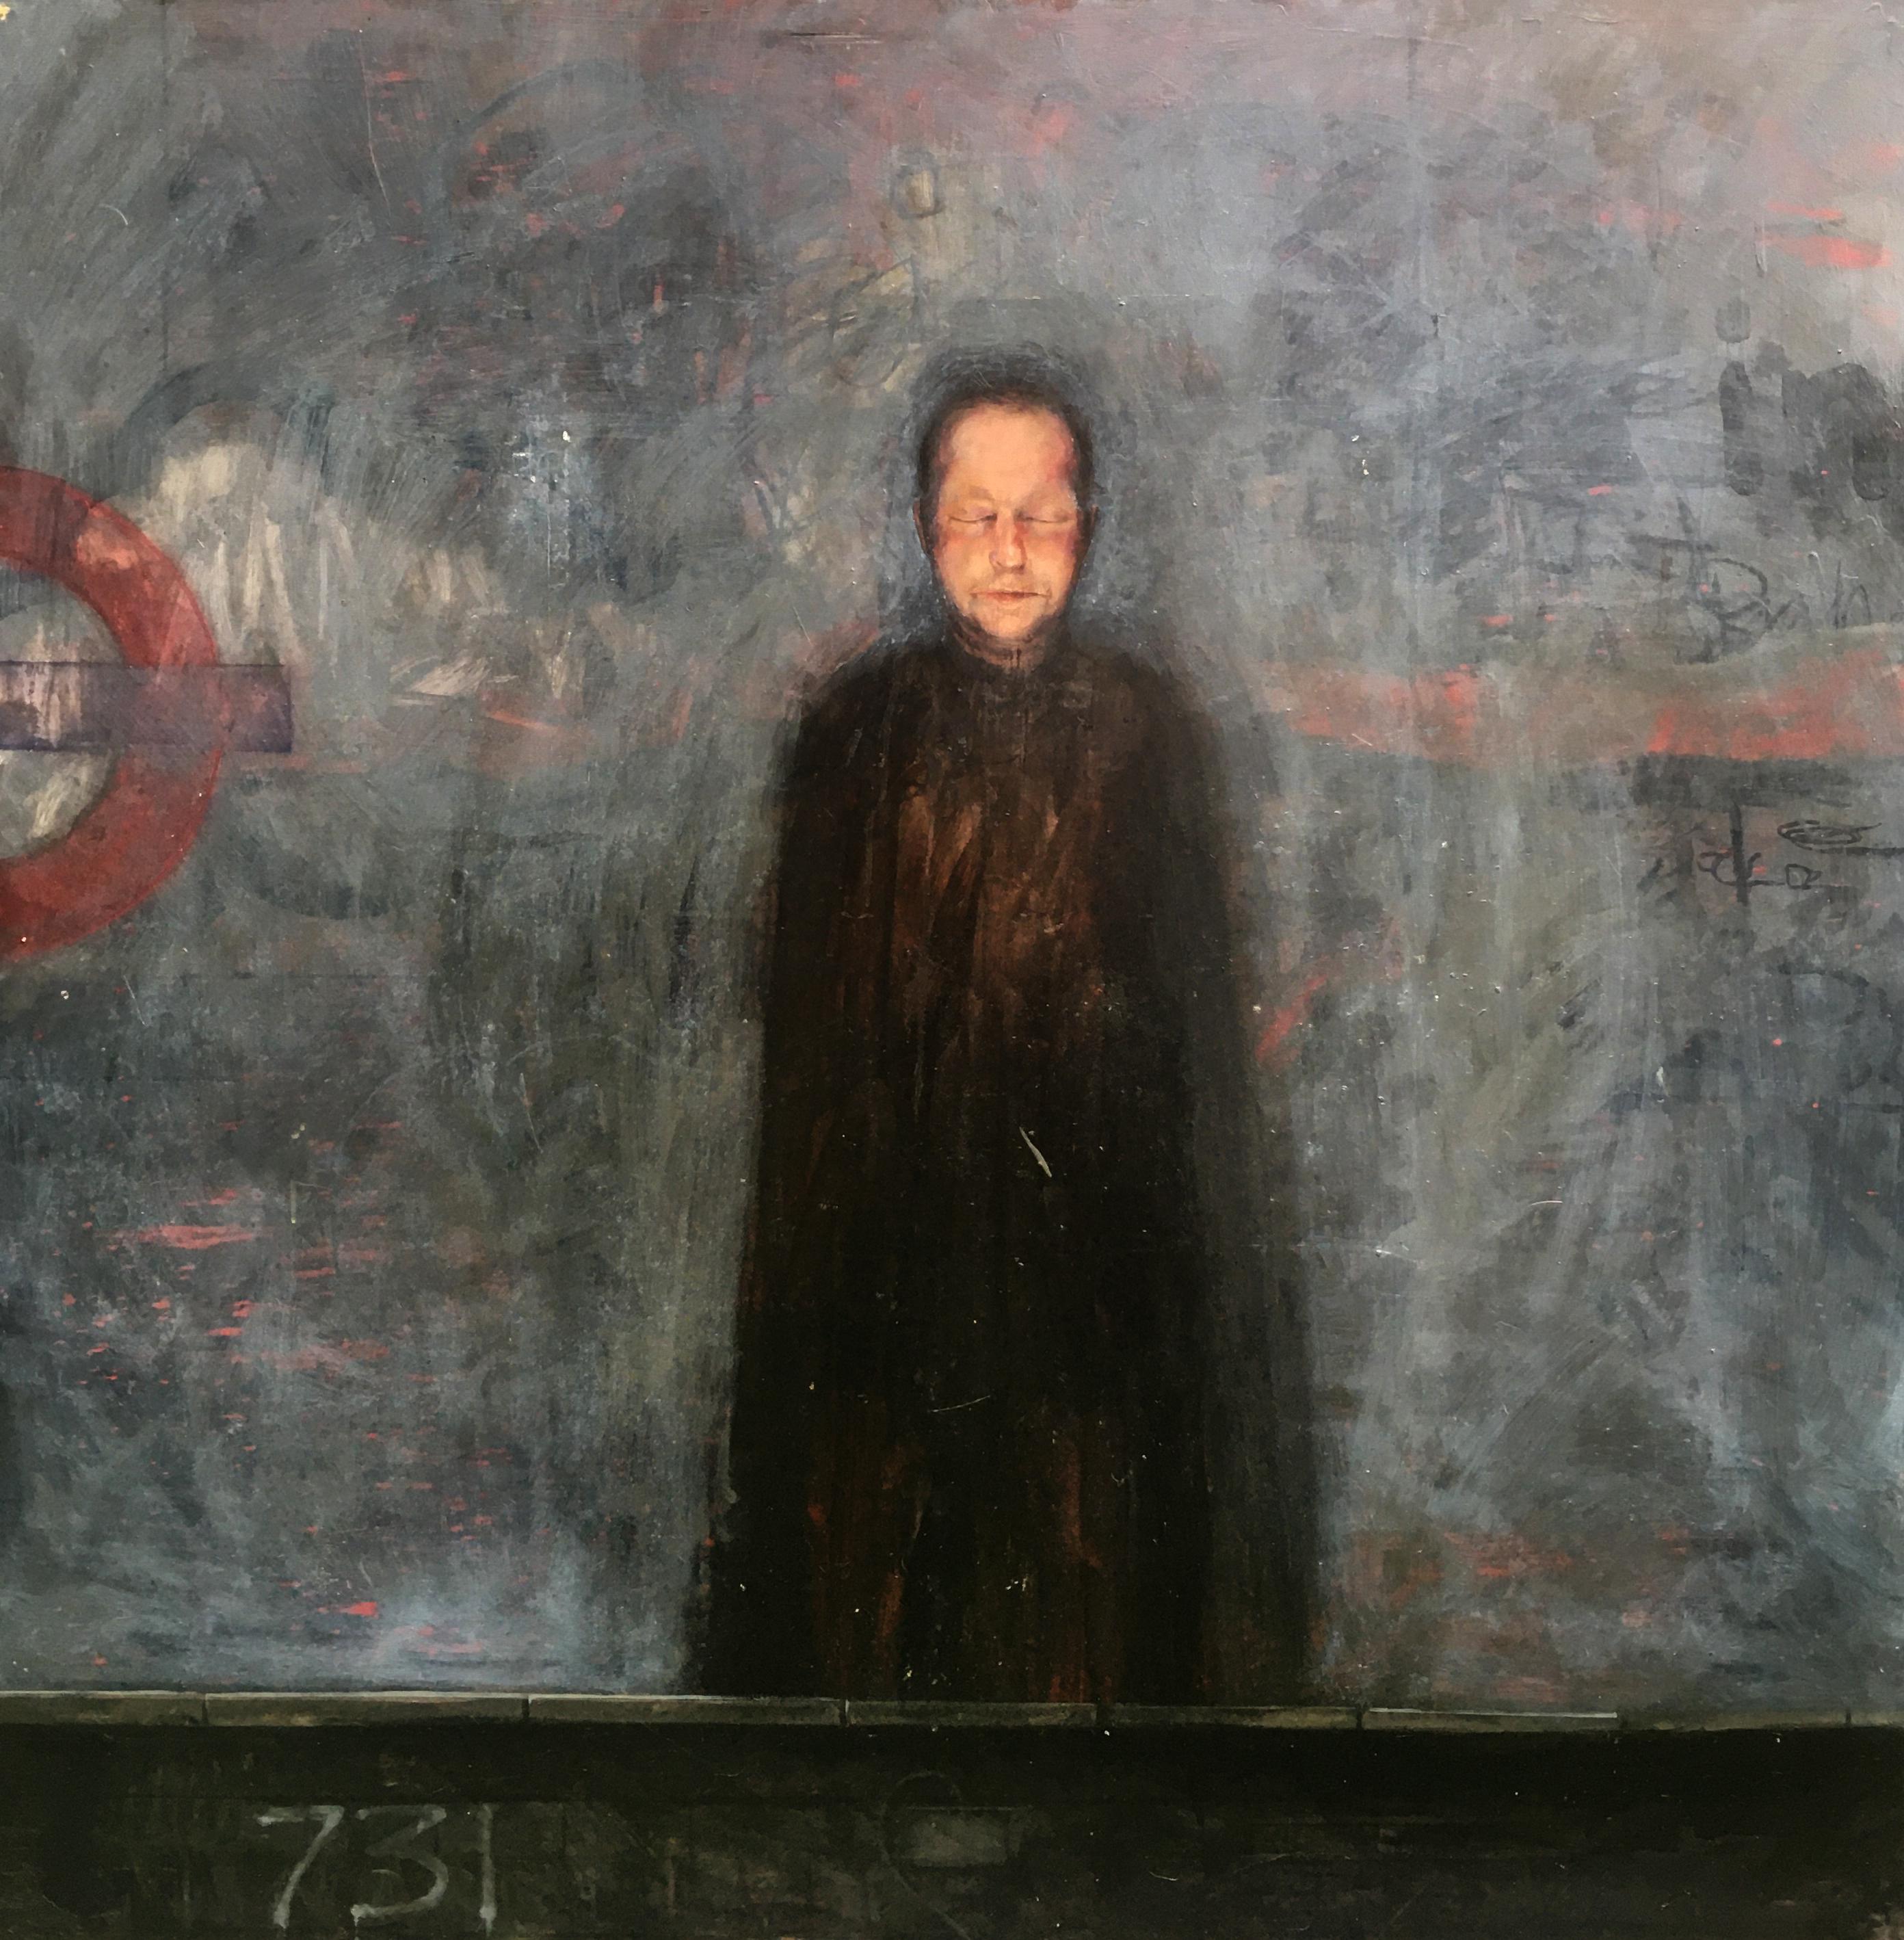 Man Standing on London Underground Platform